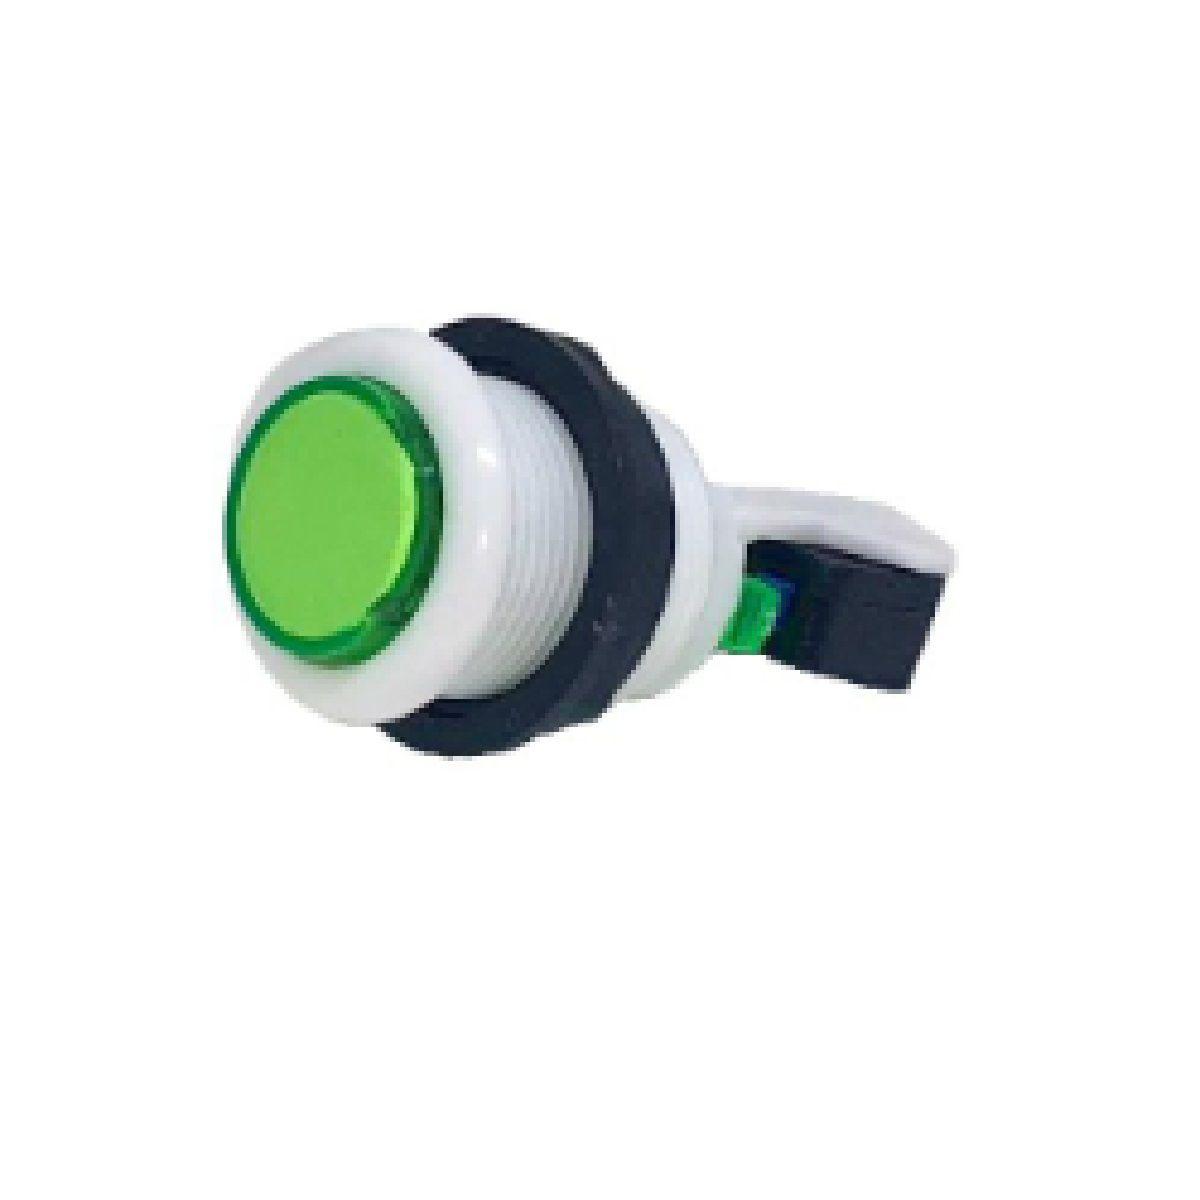 Botão Aegir Arcade Acrílico  Branco com Micro Switch Verde